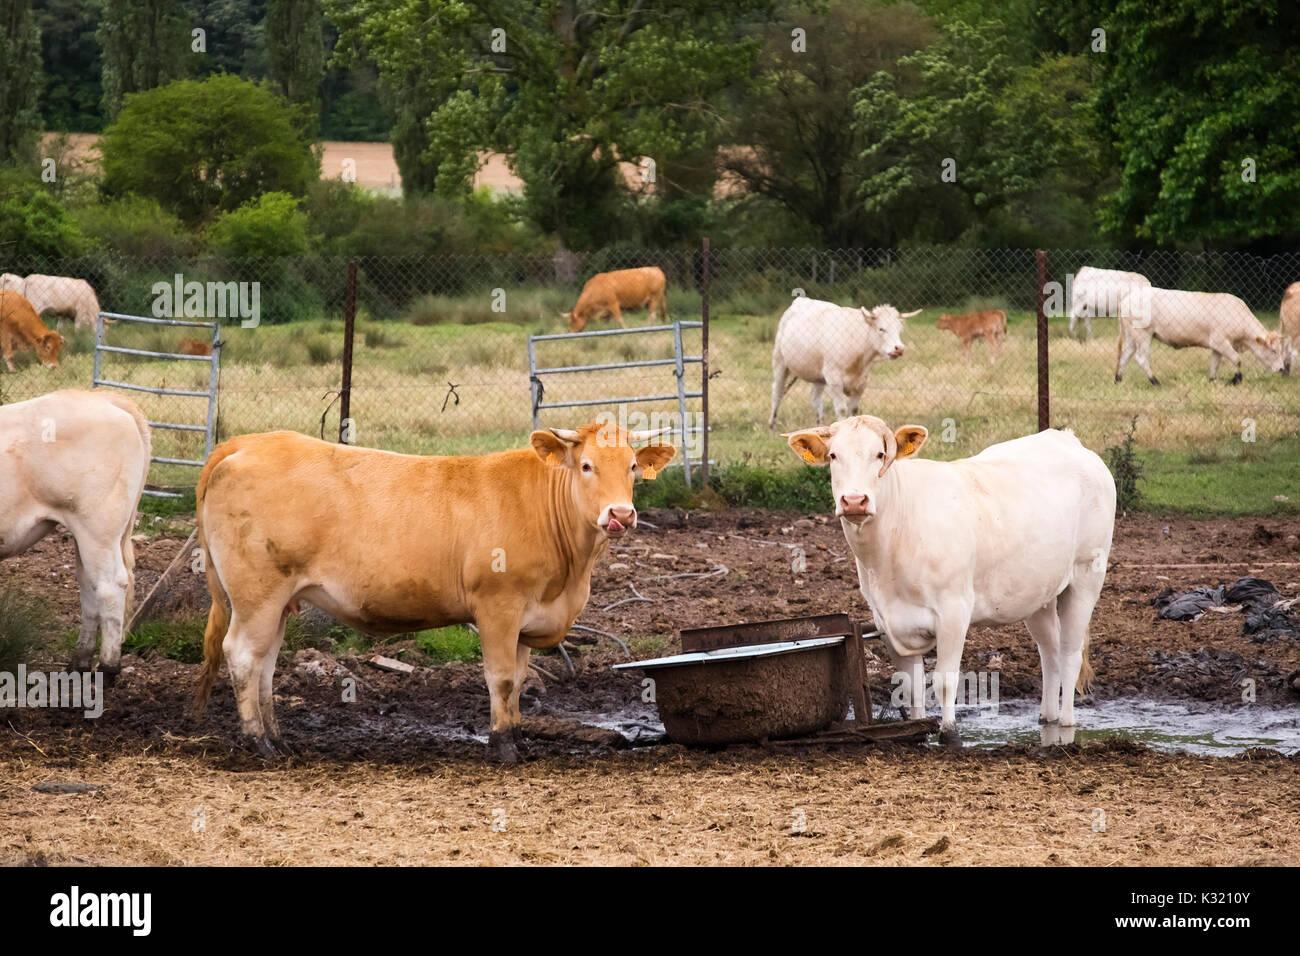 Ferme d'élevage de vache., las merindades county Burgos, Castille et Leon, Espagne, Europe Banque D'Images